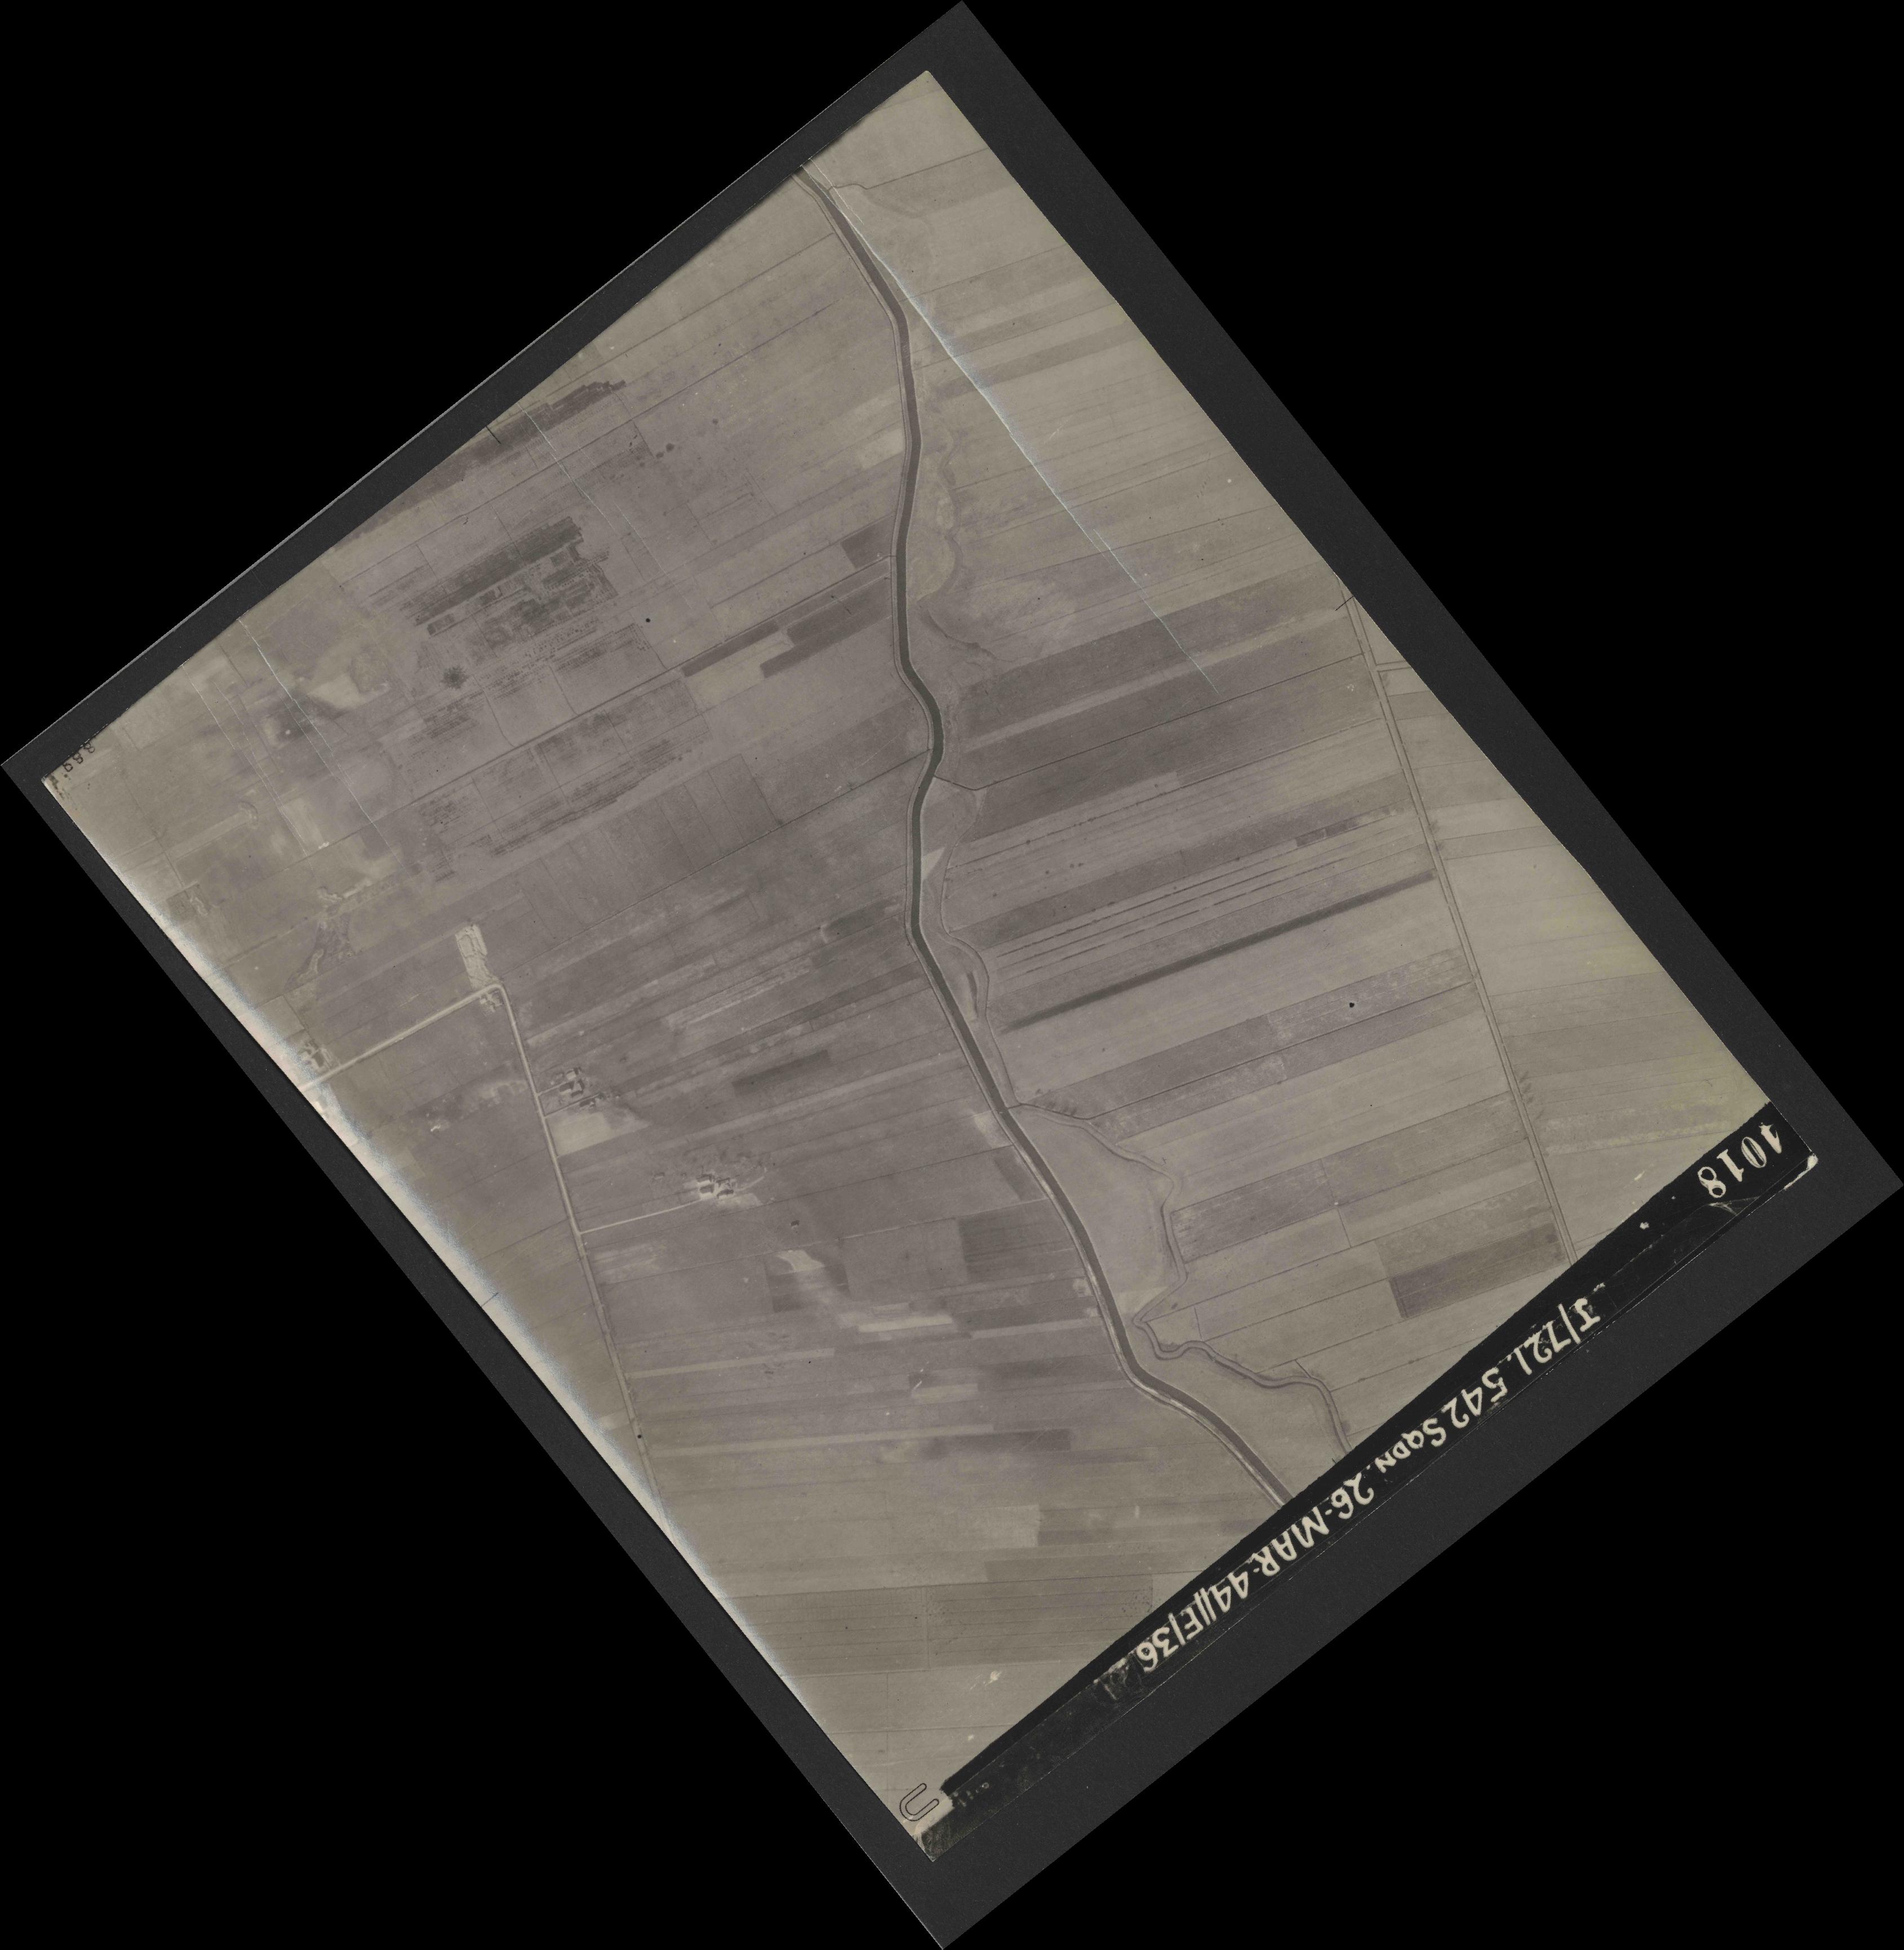 Collection RAF aerial photos 1940-1945 - flight 349, run 02, photo 4018